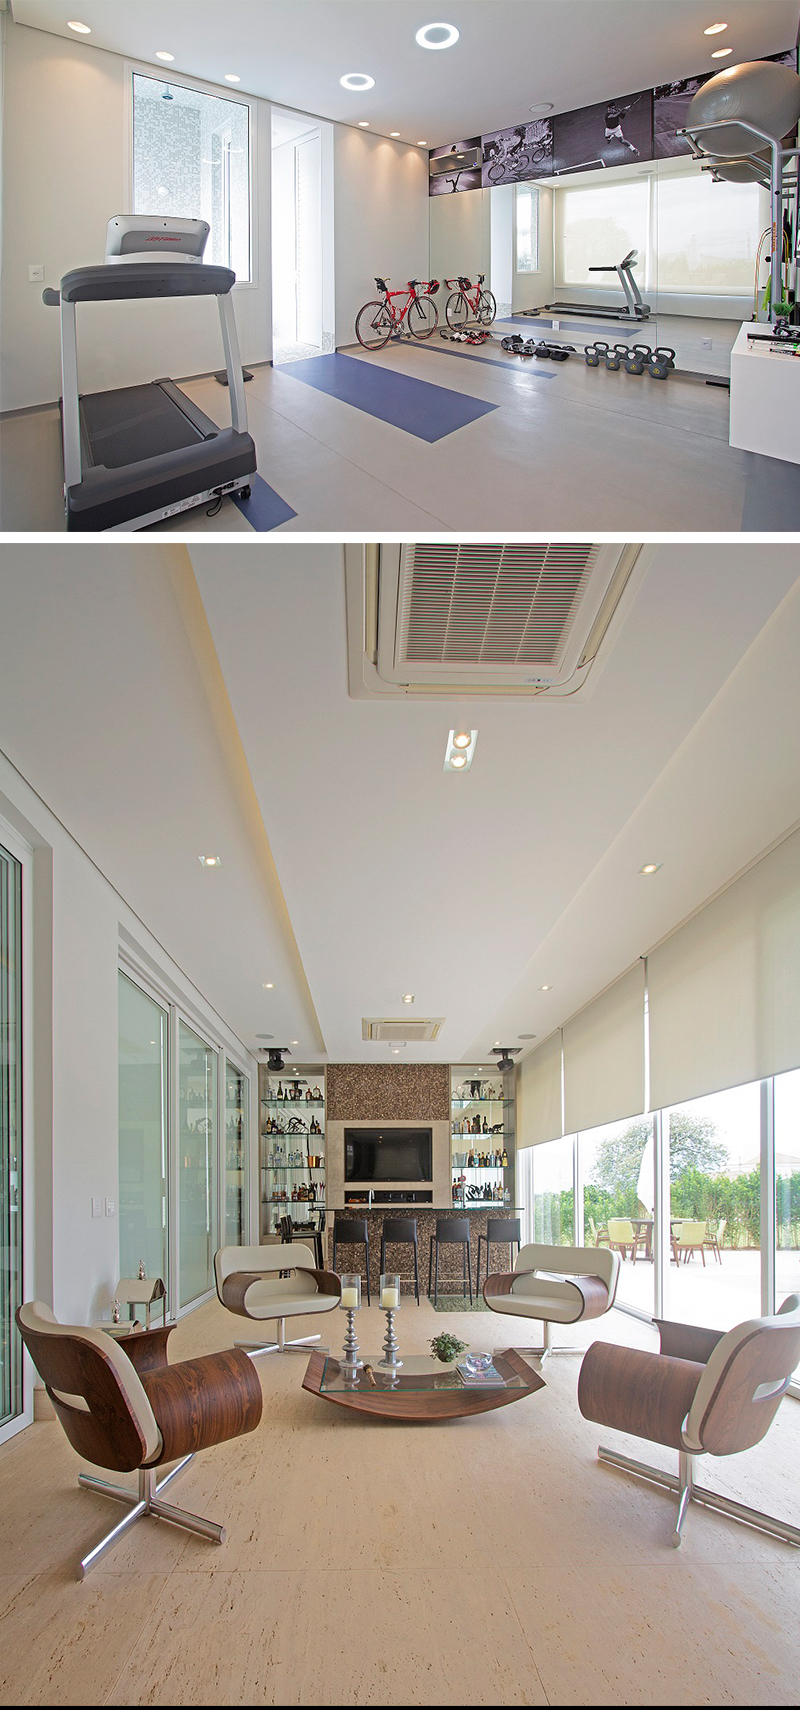 Meus projetos #2 Casa de um casal moderno (4)